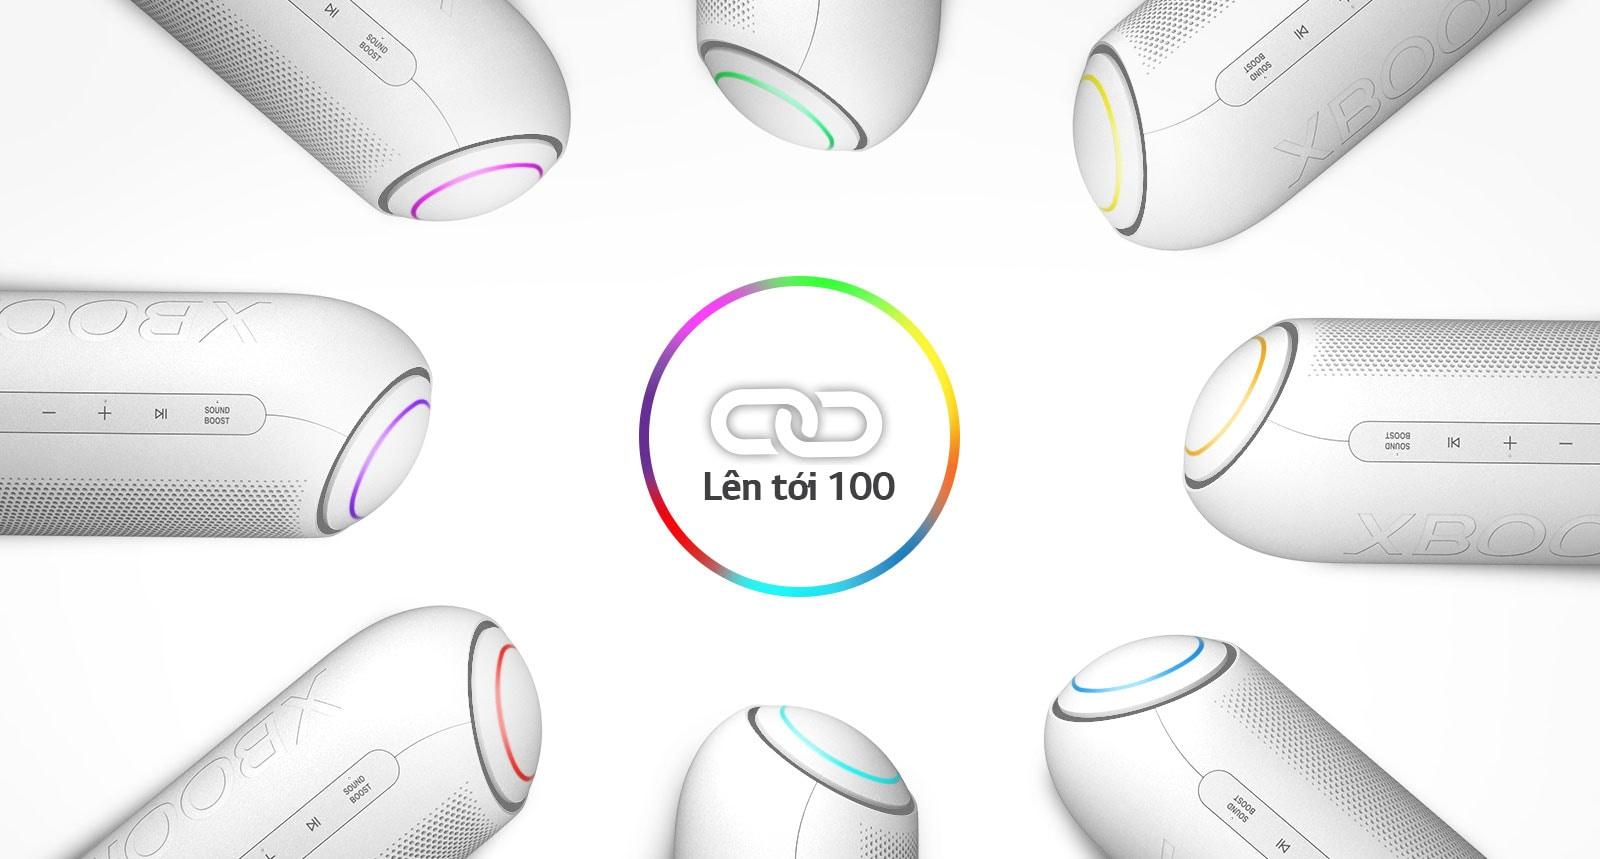 Tám chiếc LG XBOOM Go với các màu đèn khác nhau được xếp theo hình tròn xung quanh biểu tượng liên kết trên nền trắng.